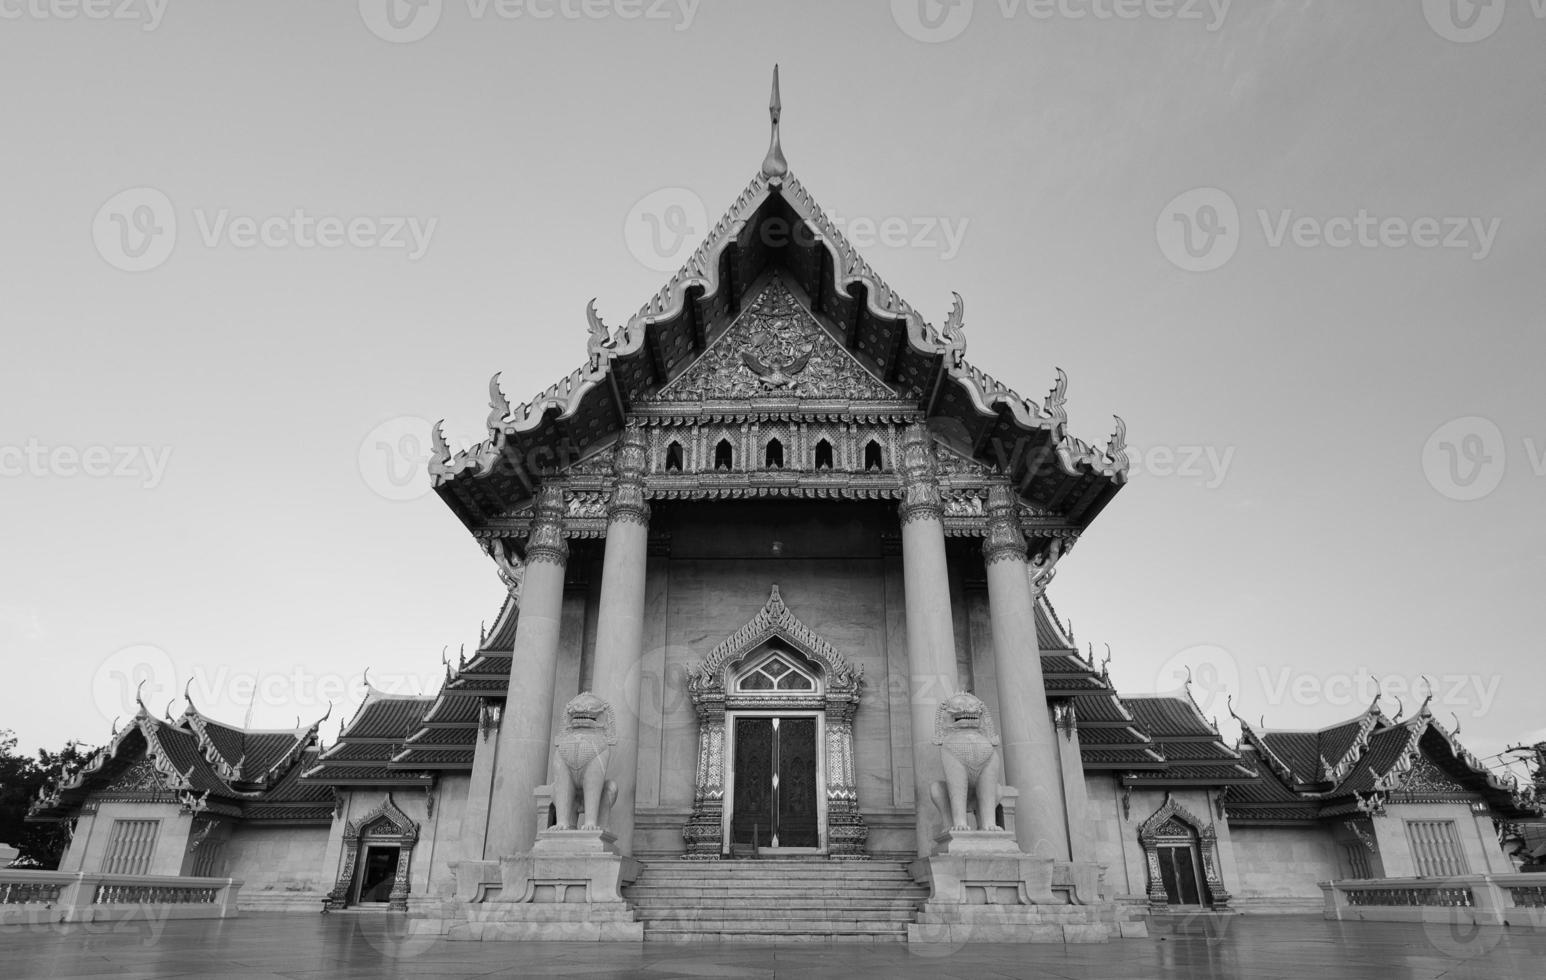 der Marmortempel in Bangkok, Thailand. foto